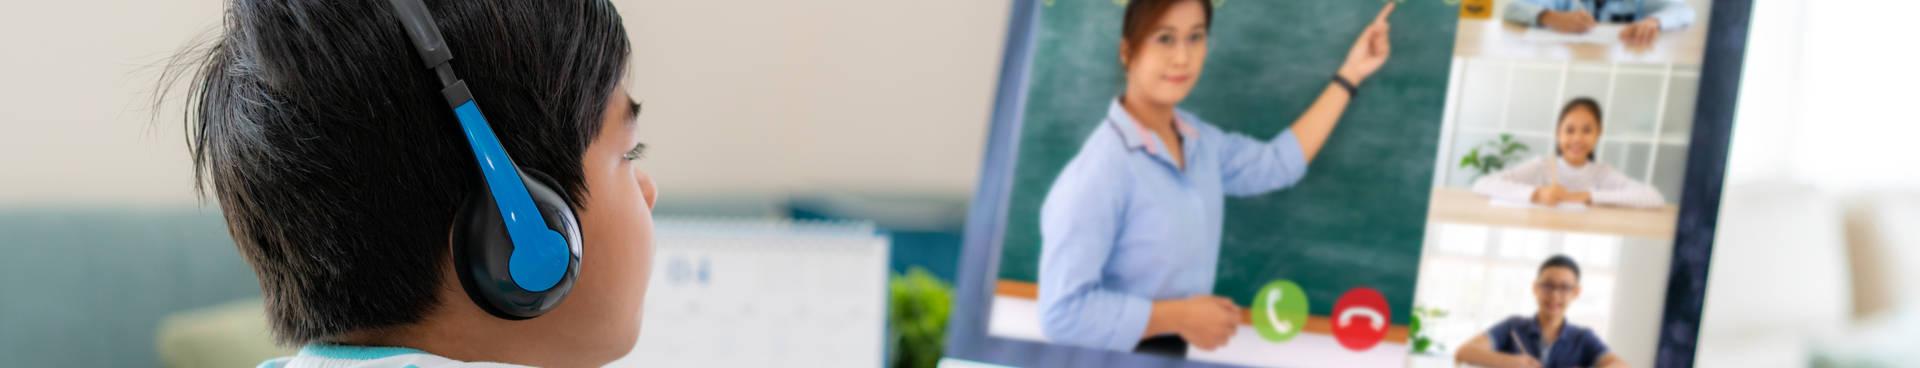 plan-estudios-psicopedagogia